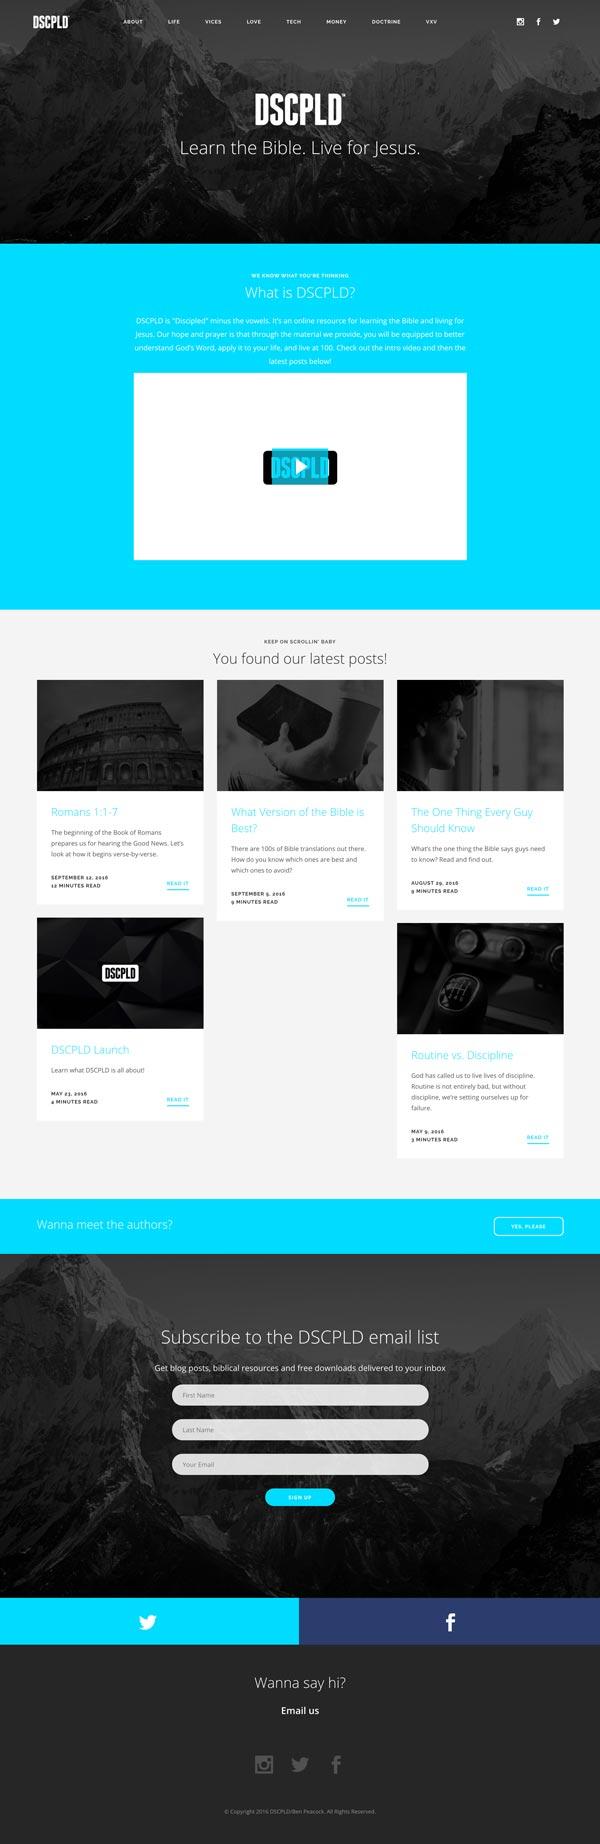 DSCPLD Website Mock